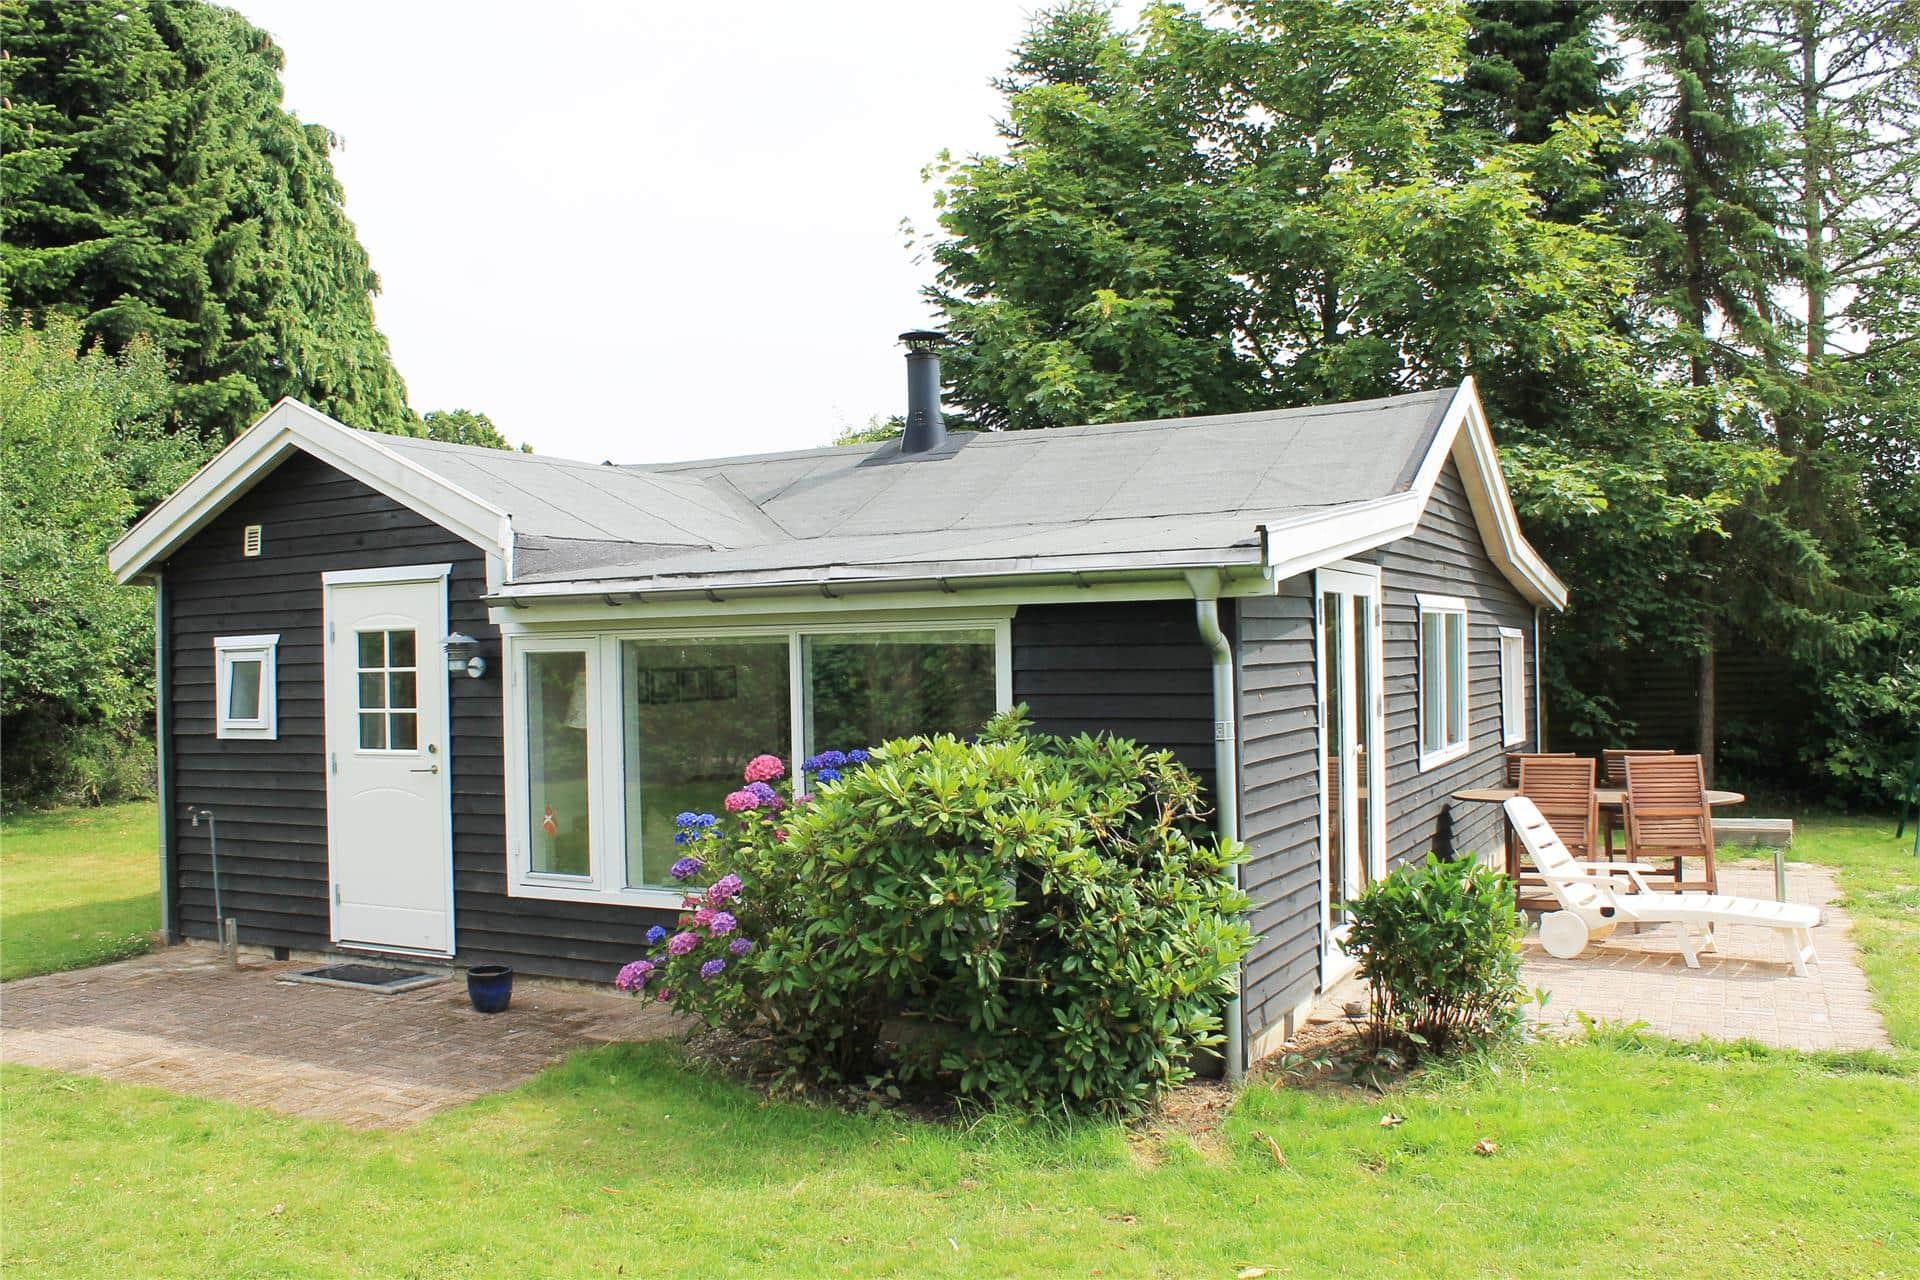 Bild 1-19 Ferienhaus 30343, Rythiavang 33, DK - 8300 Odder